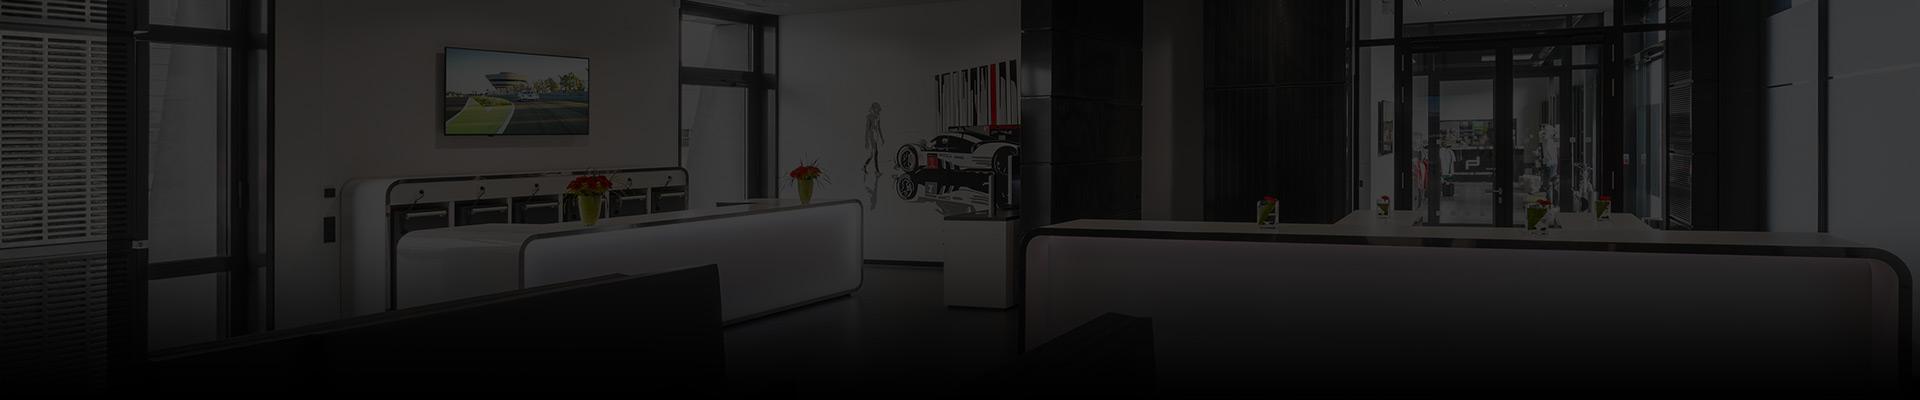 Porsche Os modelos 718 GTS - Mais informações